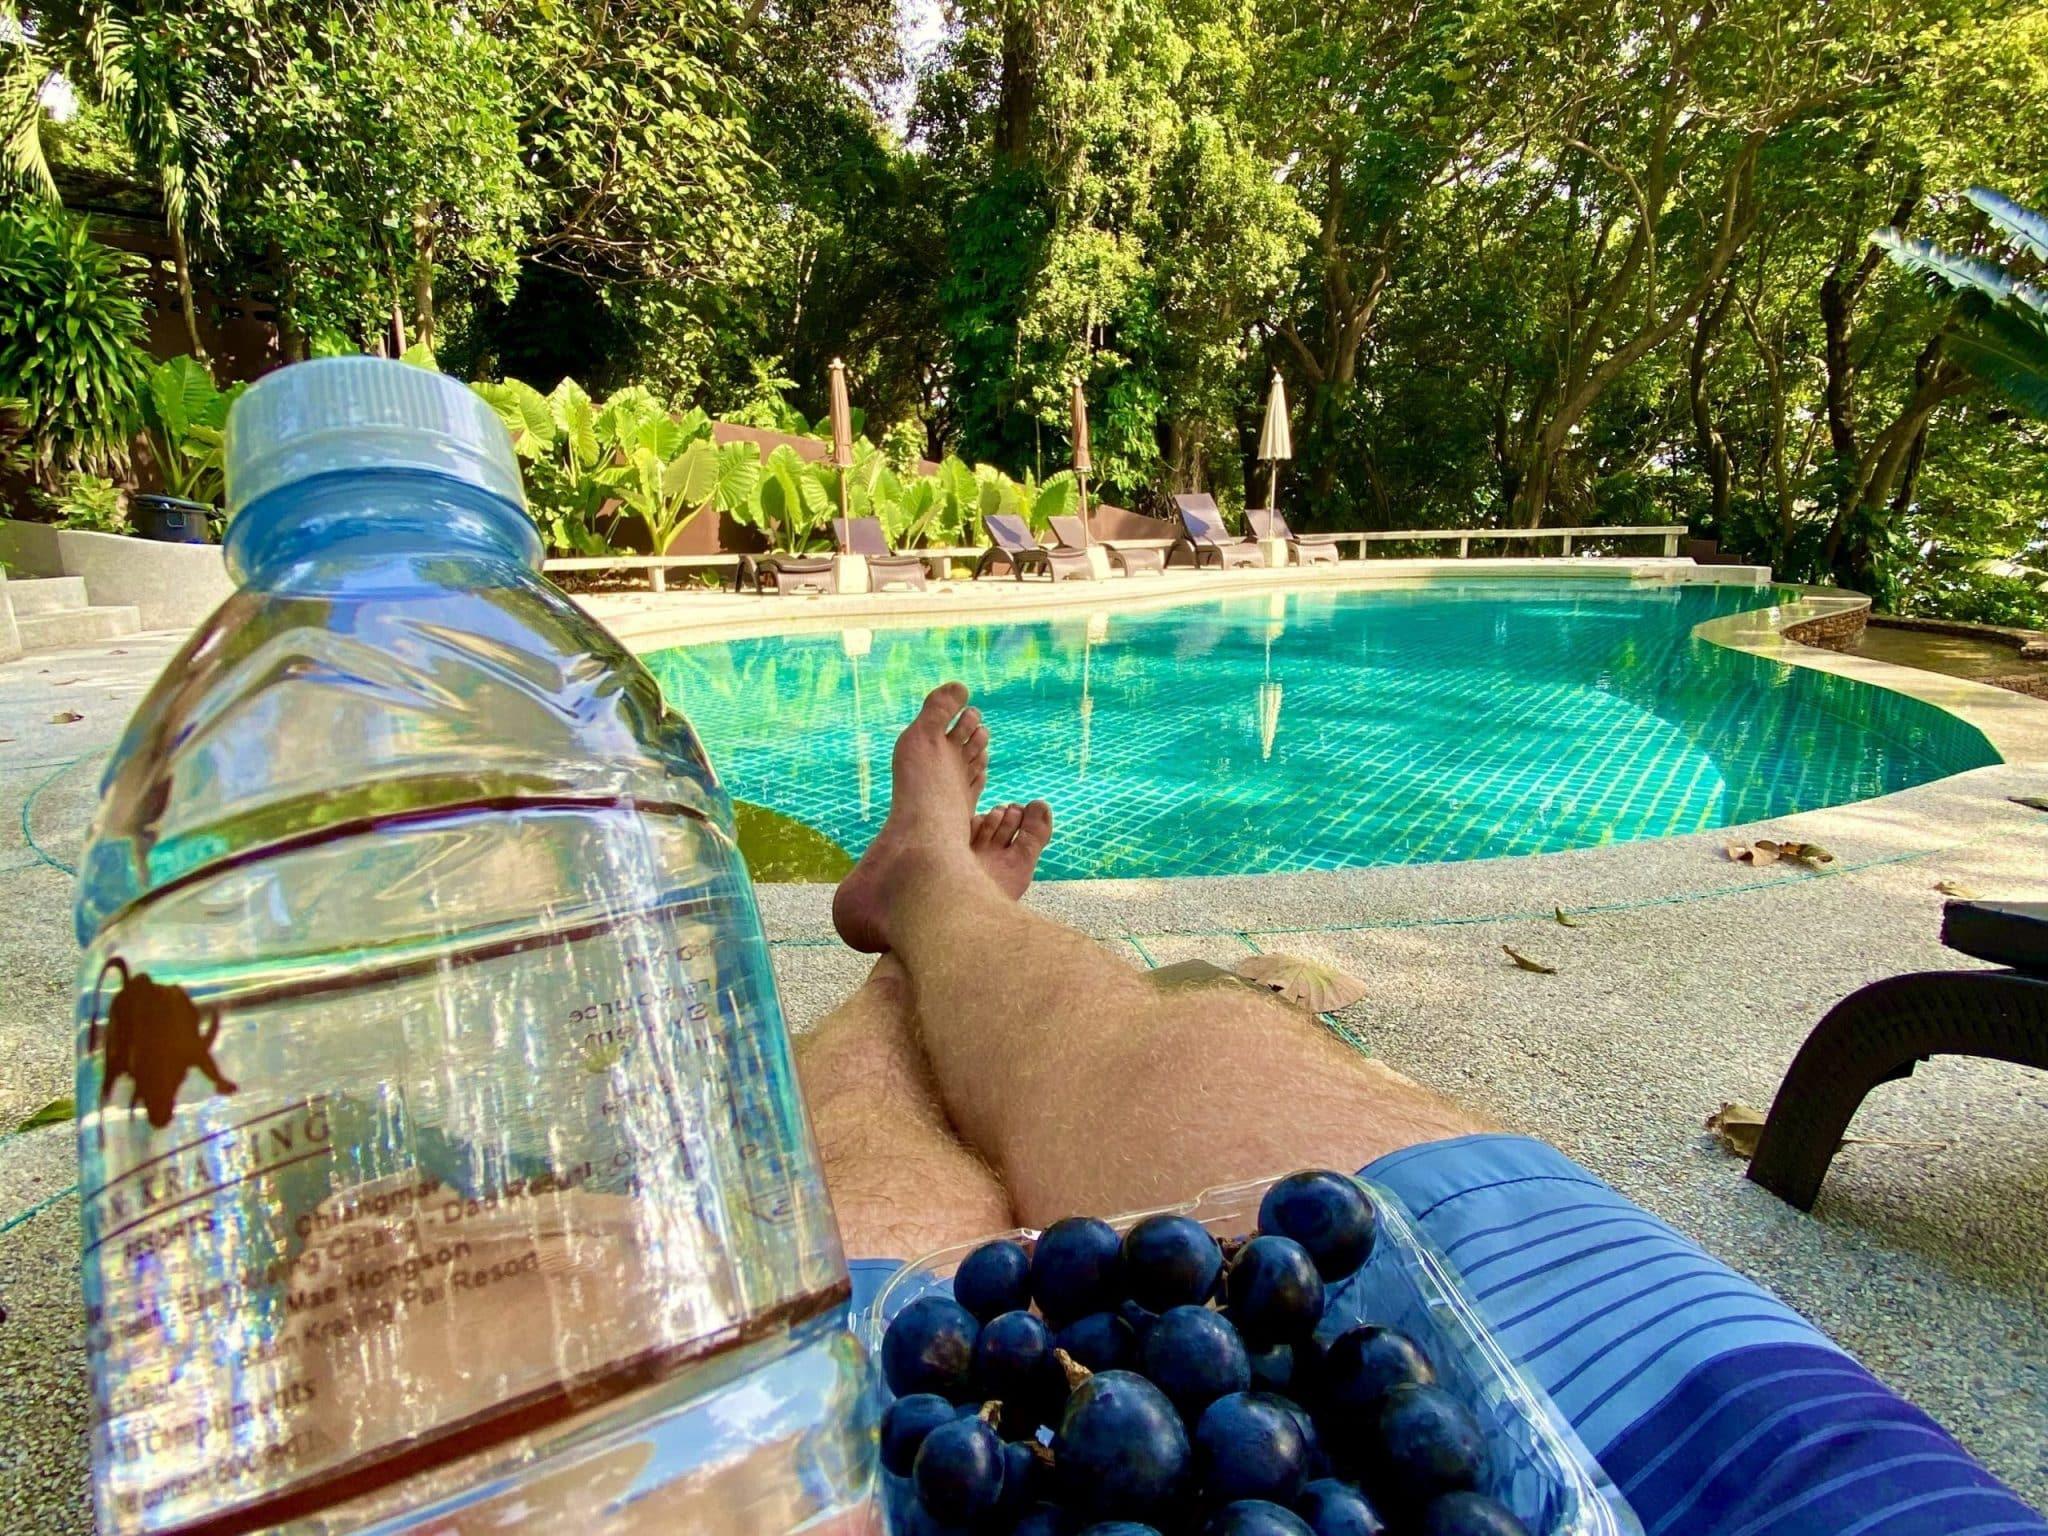 Meinen letzten Digital Detox Urlaub habe ich in einem abgelegenen Resort in Thailand verbracht – und sowohl physisch als auch psychisch Detox gemacht – mit gutem Essen und möglichst ohne Smartphone. Foto: Sascha Tegtmeyer